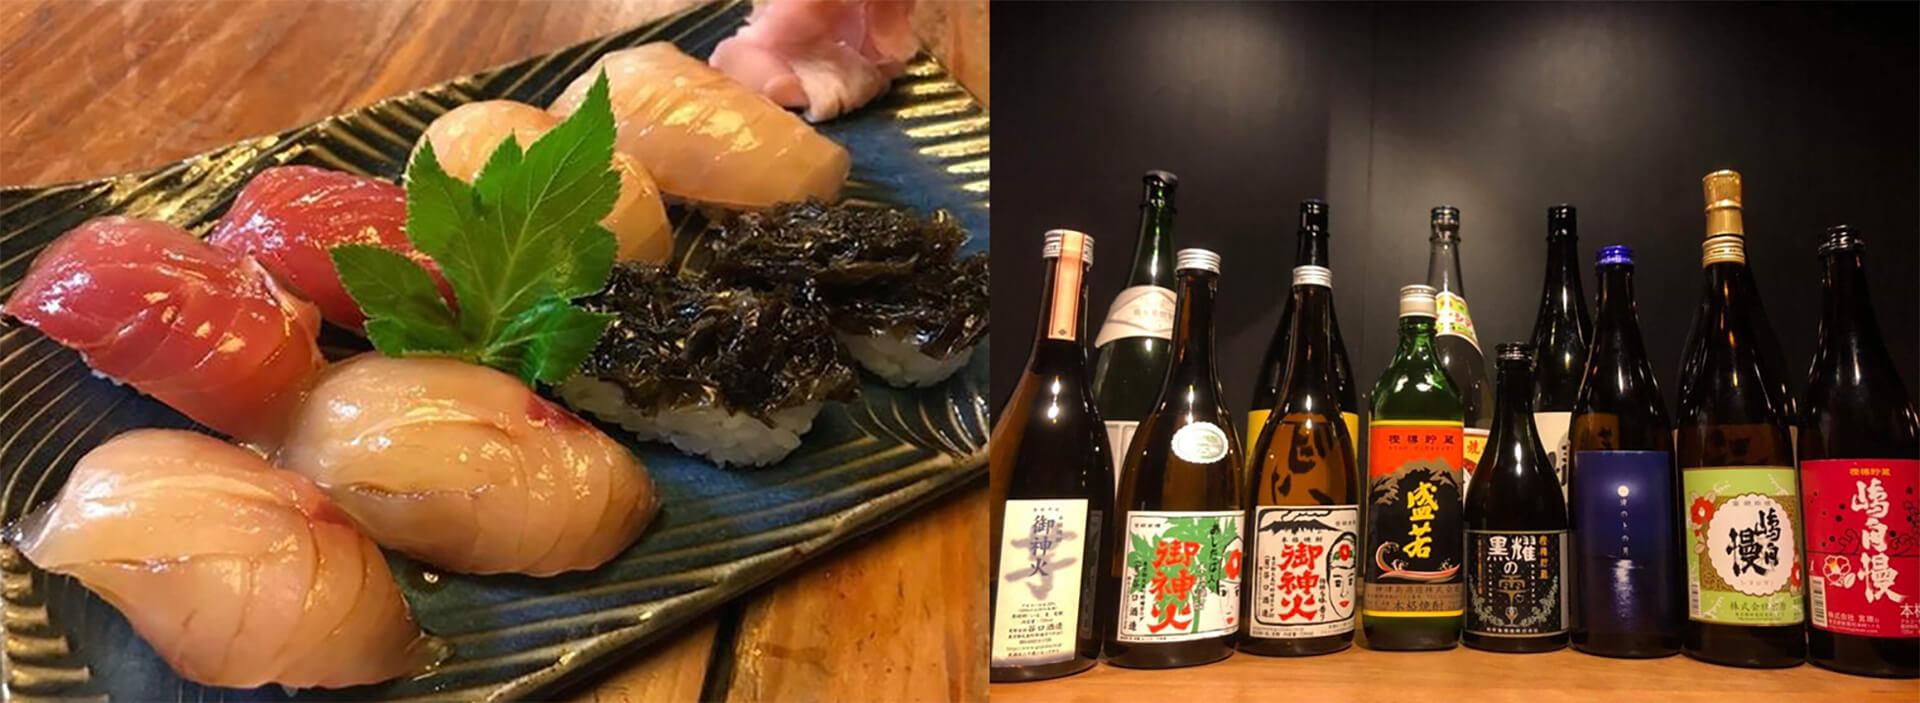 この写真はKIOI SUMMER 2019の東京宝島ウィークの提供フードイメージ。海鮮系と日本酒